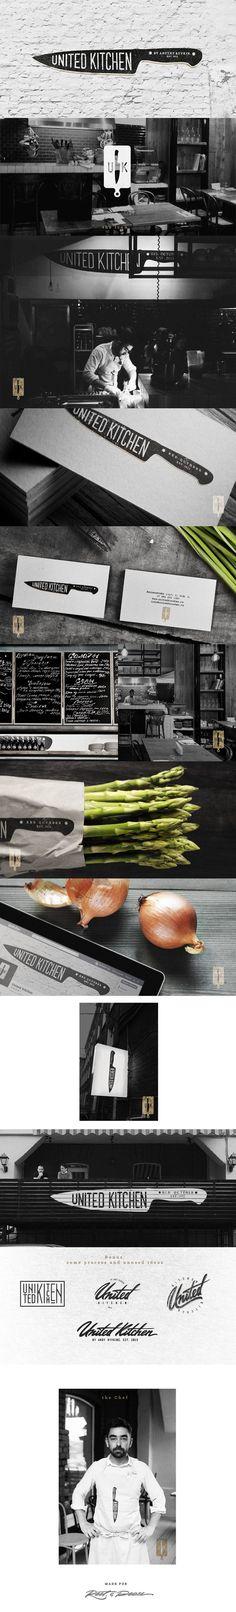 United Kitchen, Identity © DmitryGerais | #stationary #corporate #design #corporatedesign #identity #branding #marketing < repinned by www.BlickeDeeler.de | Visit our website: www.blickedeeler.de/leistungen/corporate-design